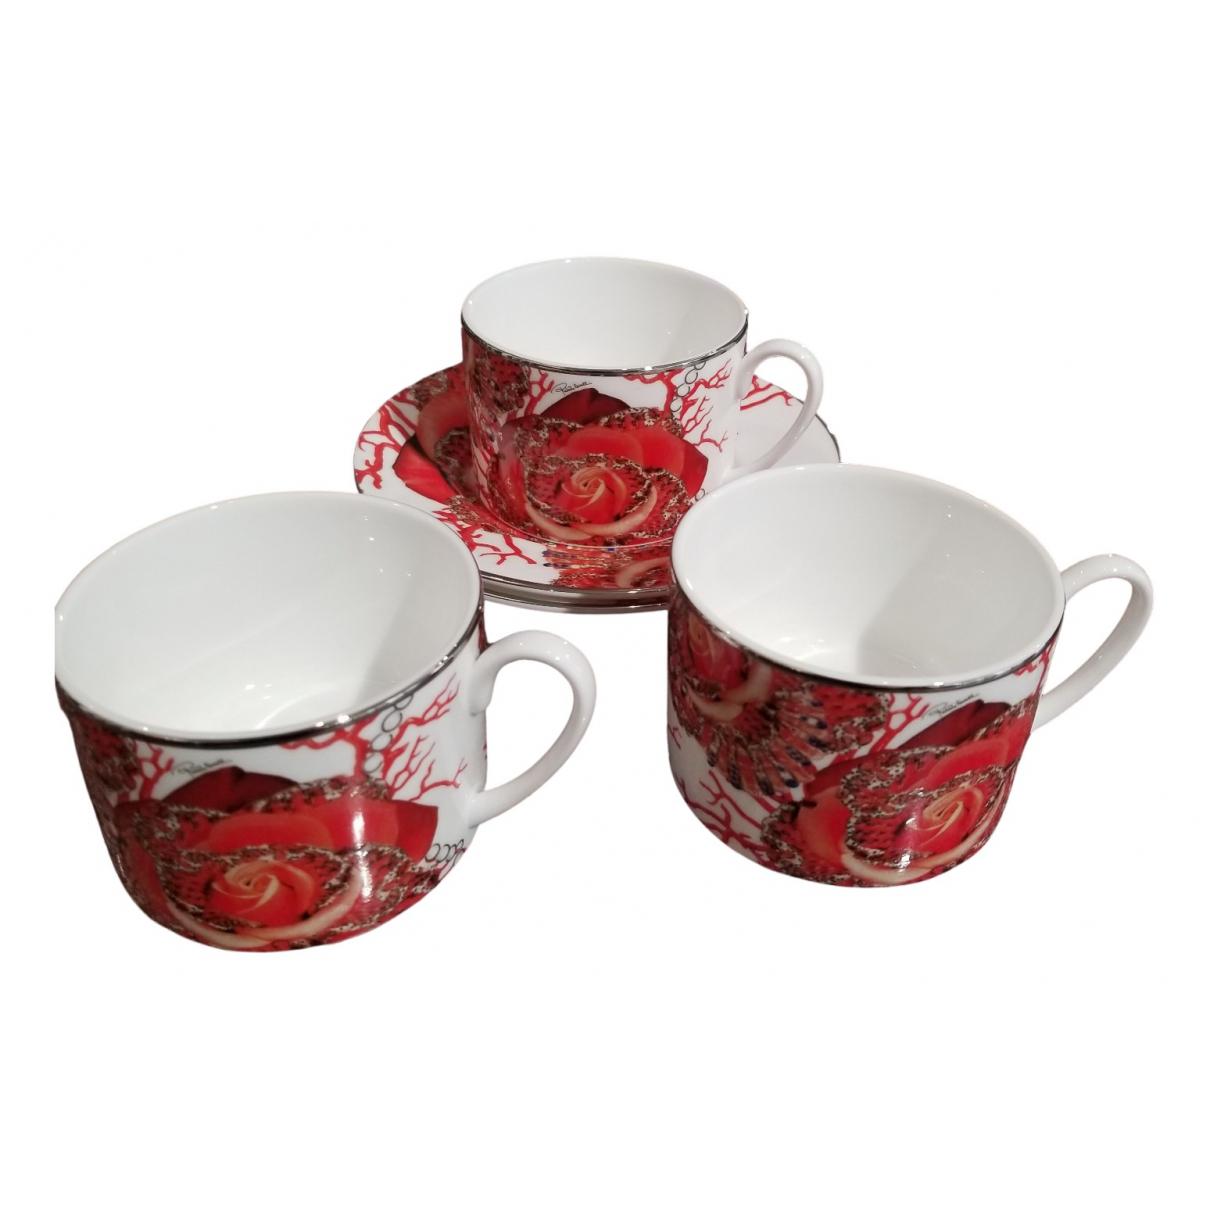 Roberto Cavalli - Arts de la table   pour lifestyle en porcelaine - rouge